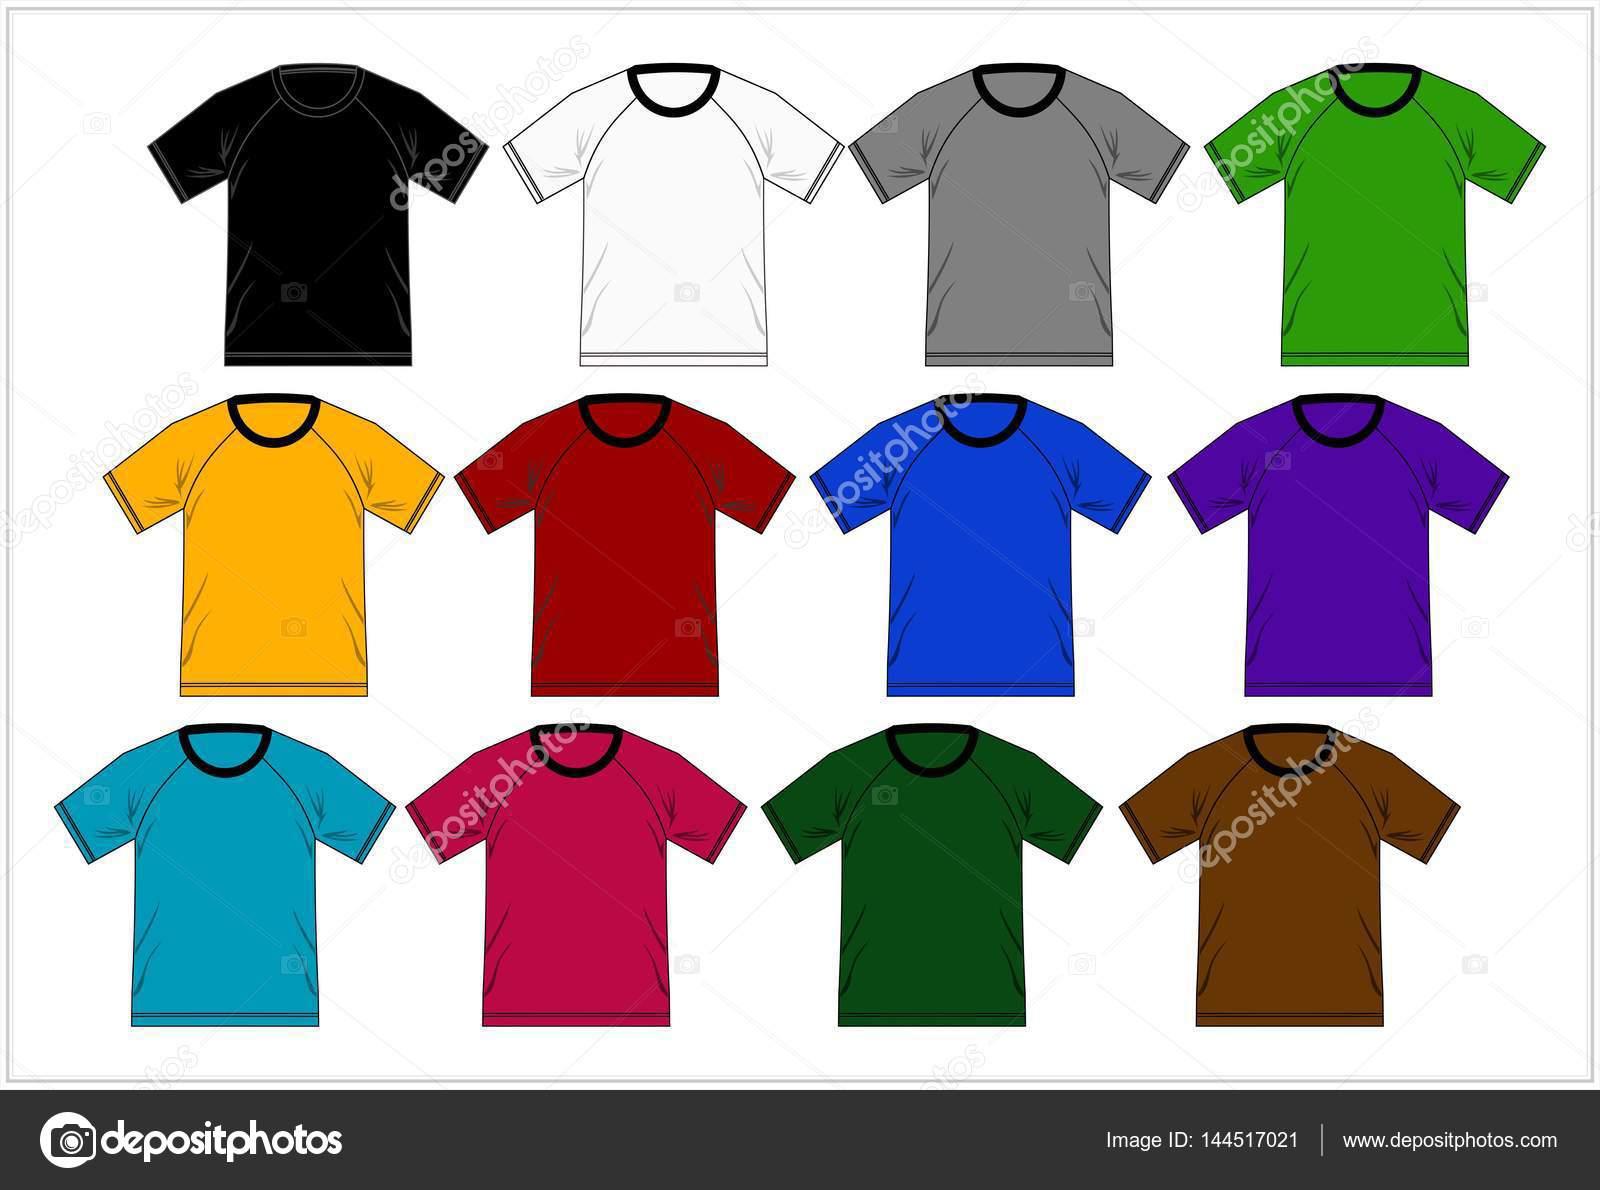 48 Foto Desain Baju Polos Vector HD Gratid Download Gratis